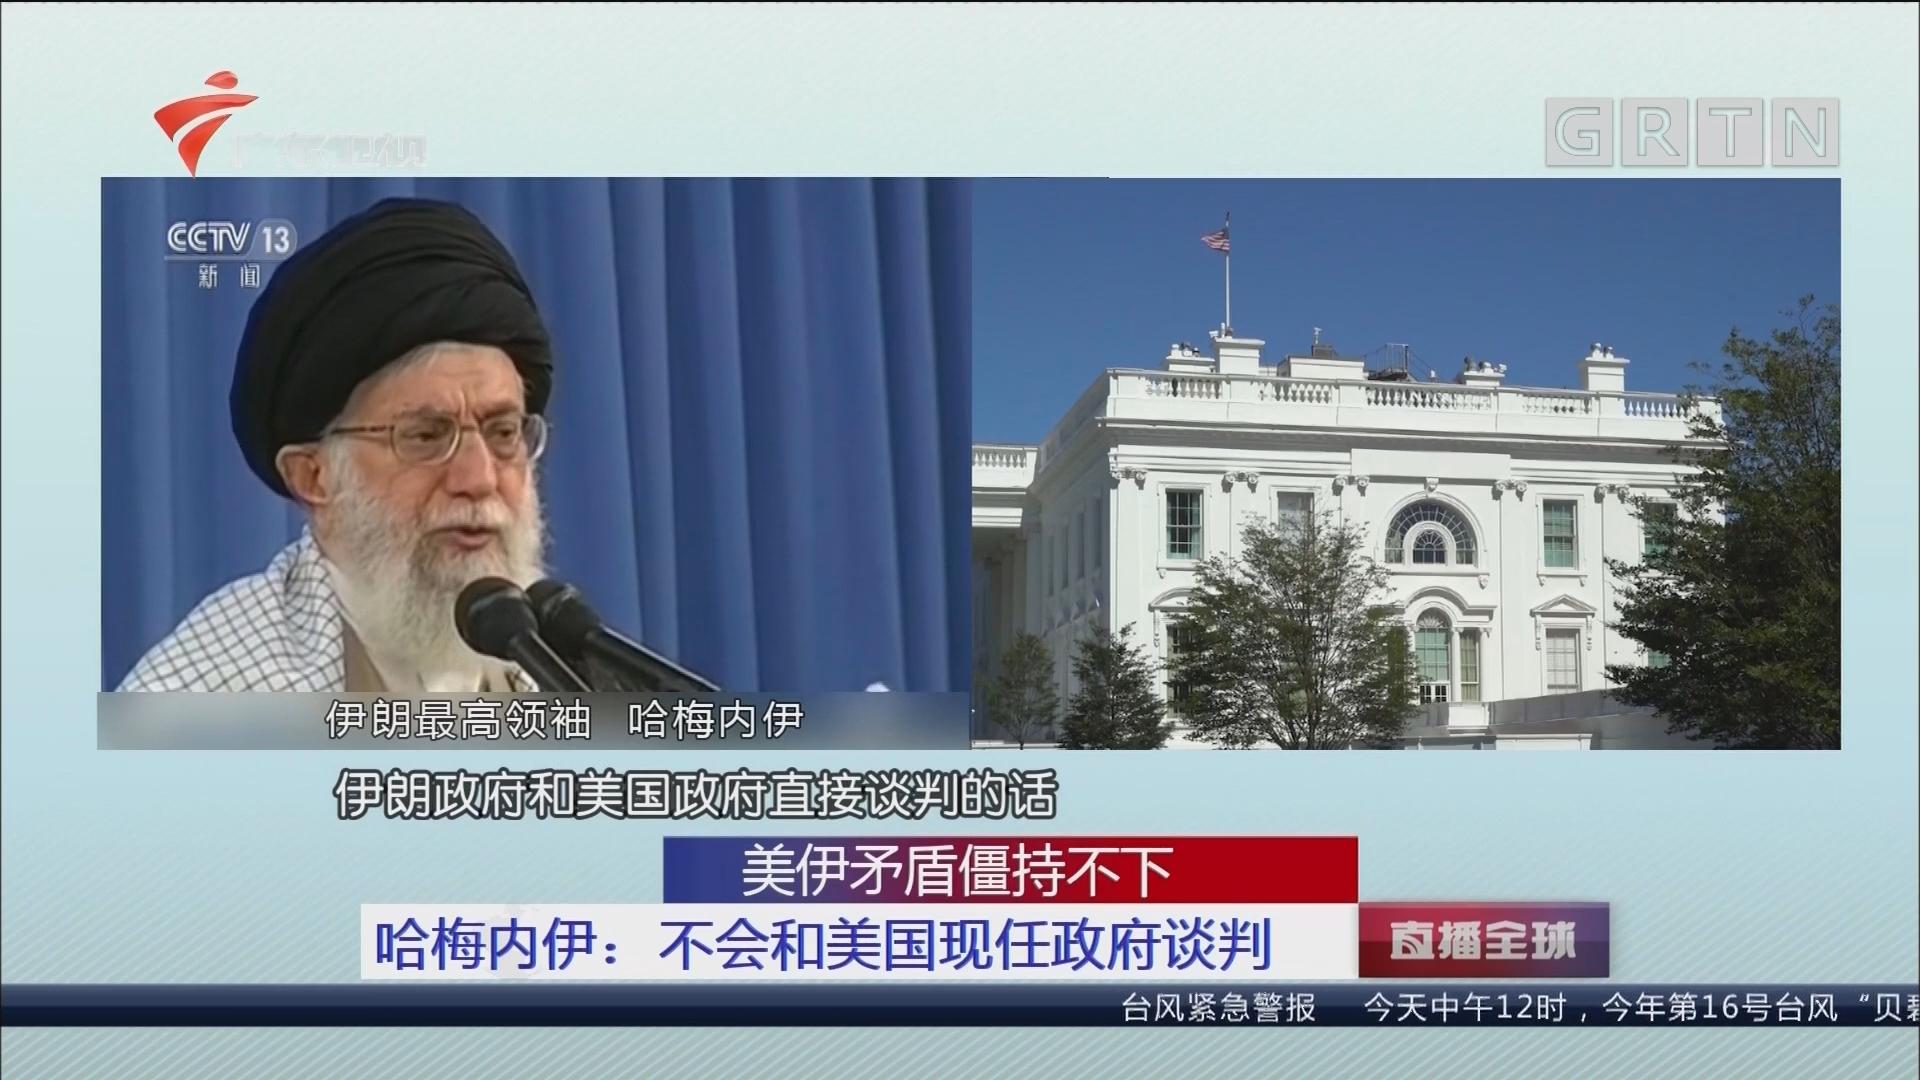 美伊矛盾僵持不下 哈梅内伊:不会和美国现任政府谈判